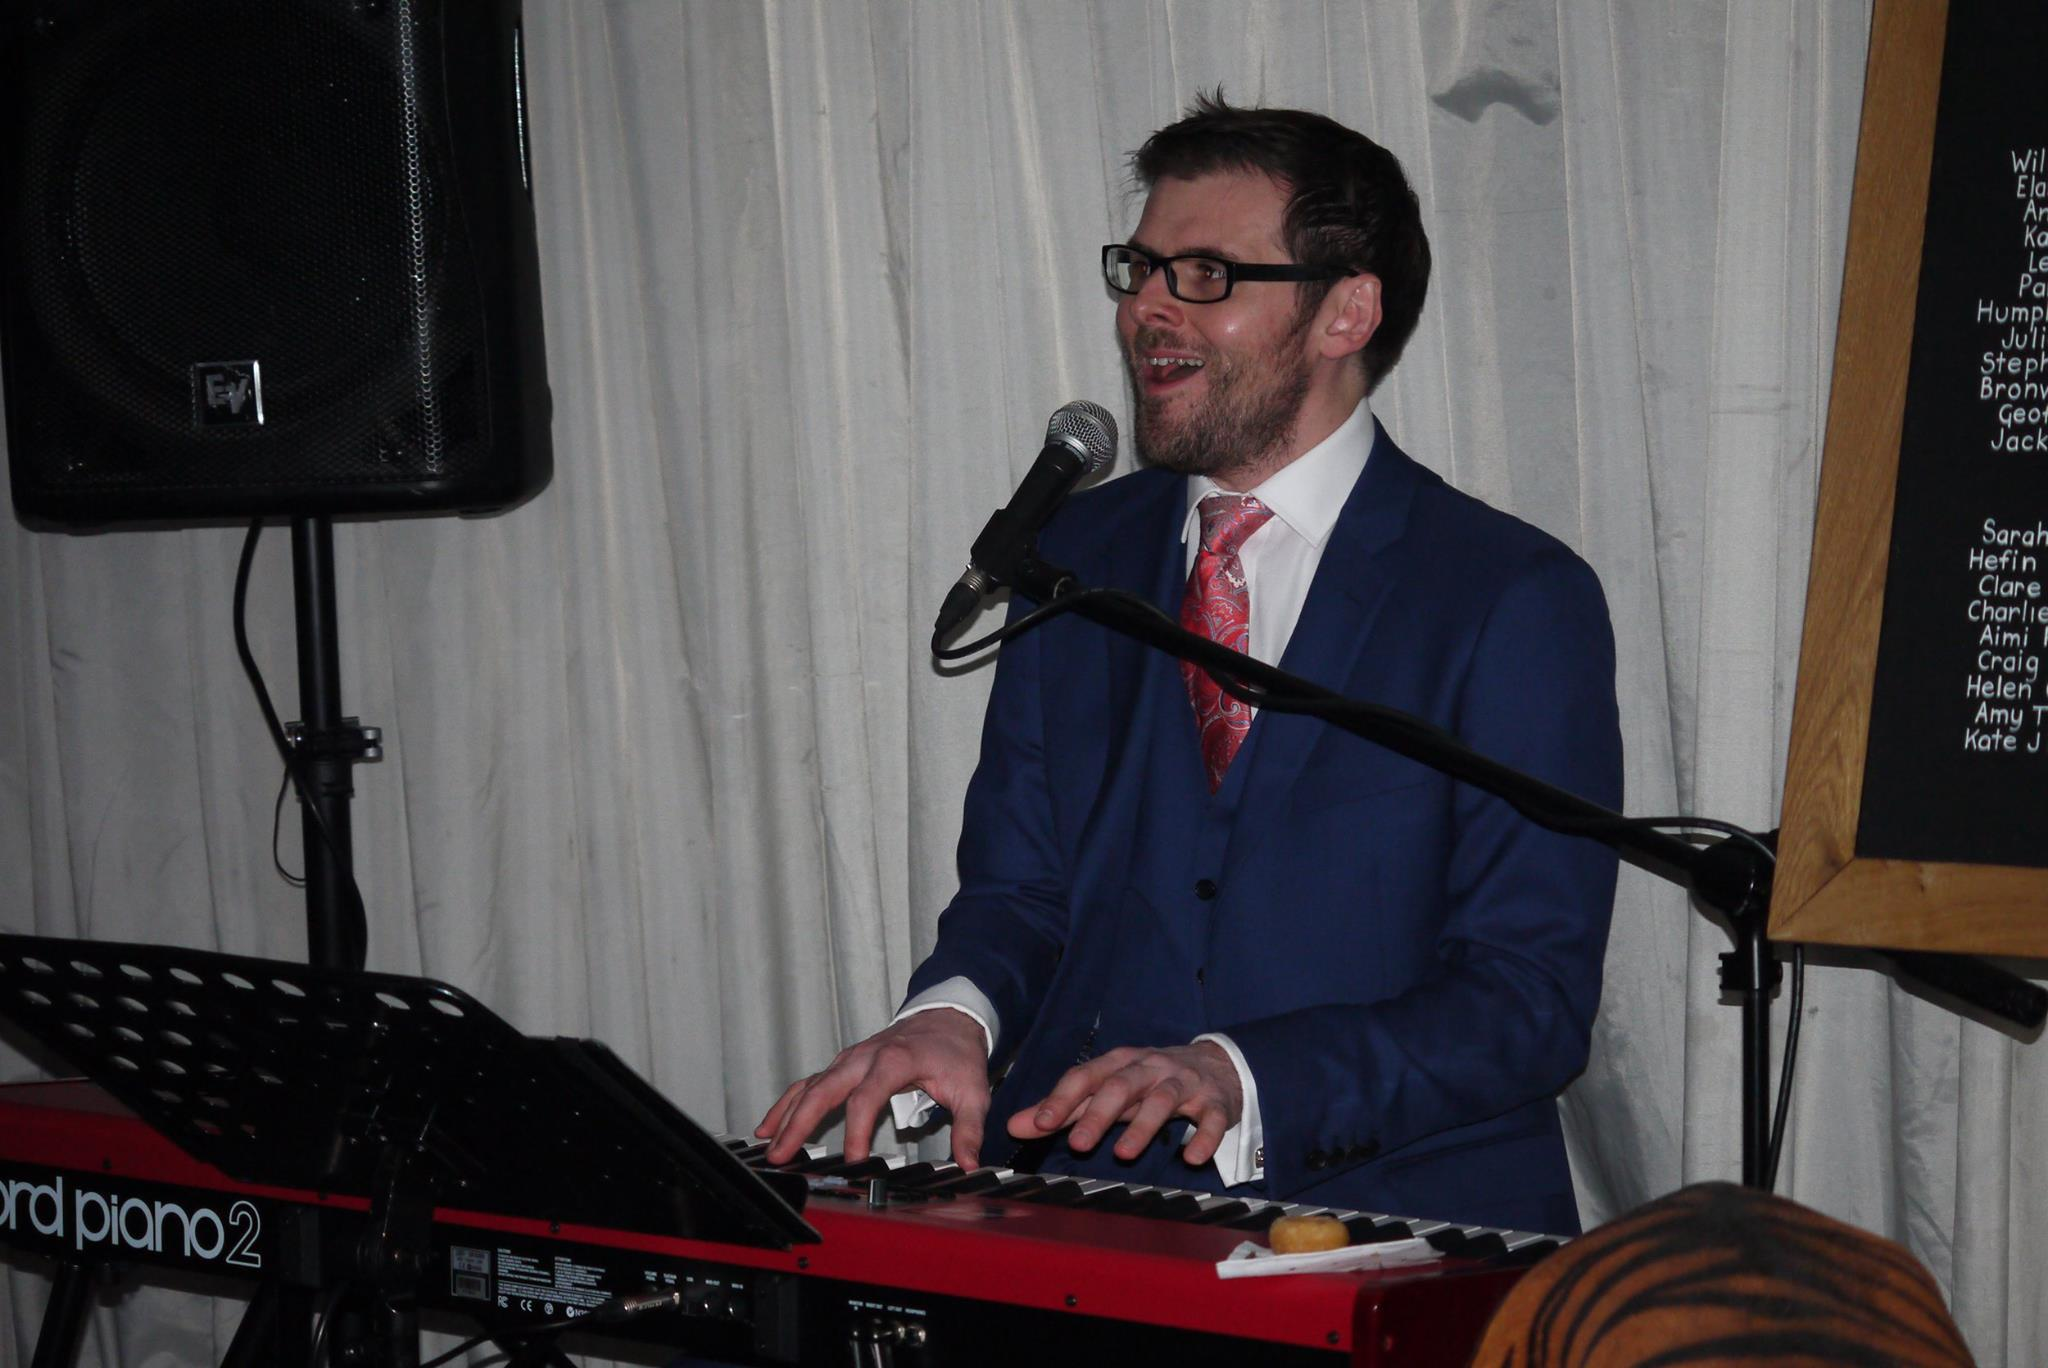 Scott Bramley Singer Pianist December 2016